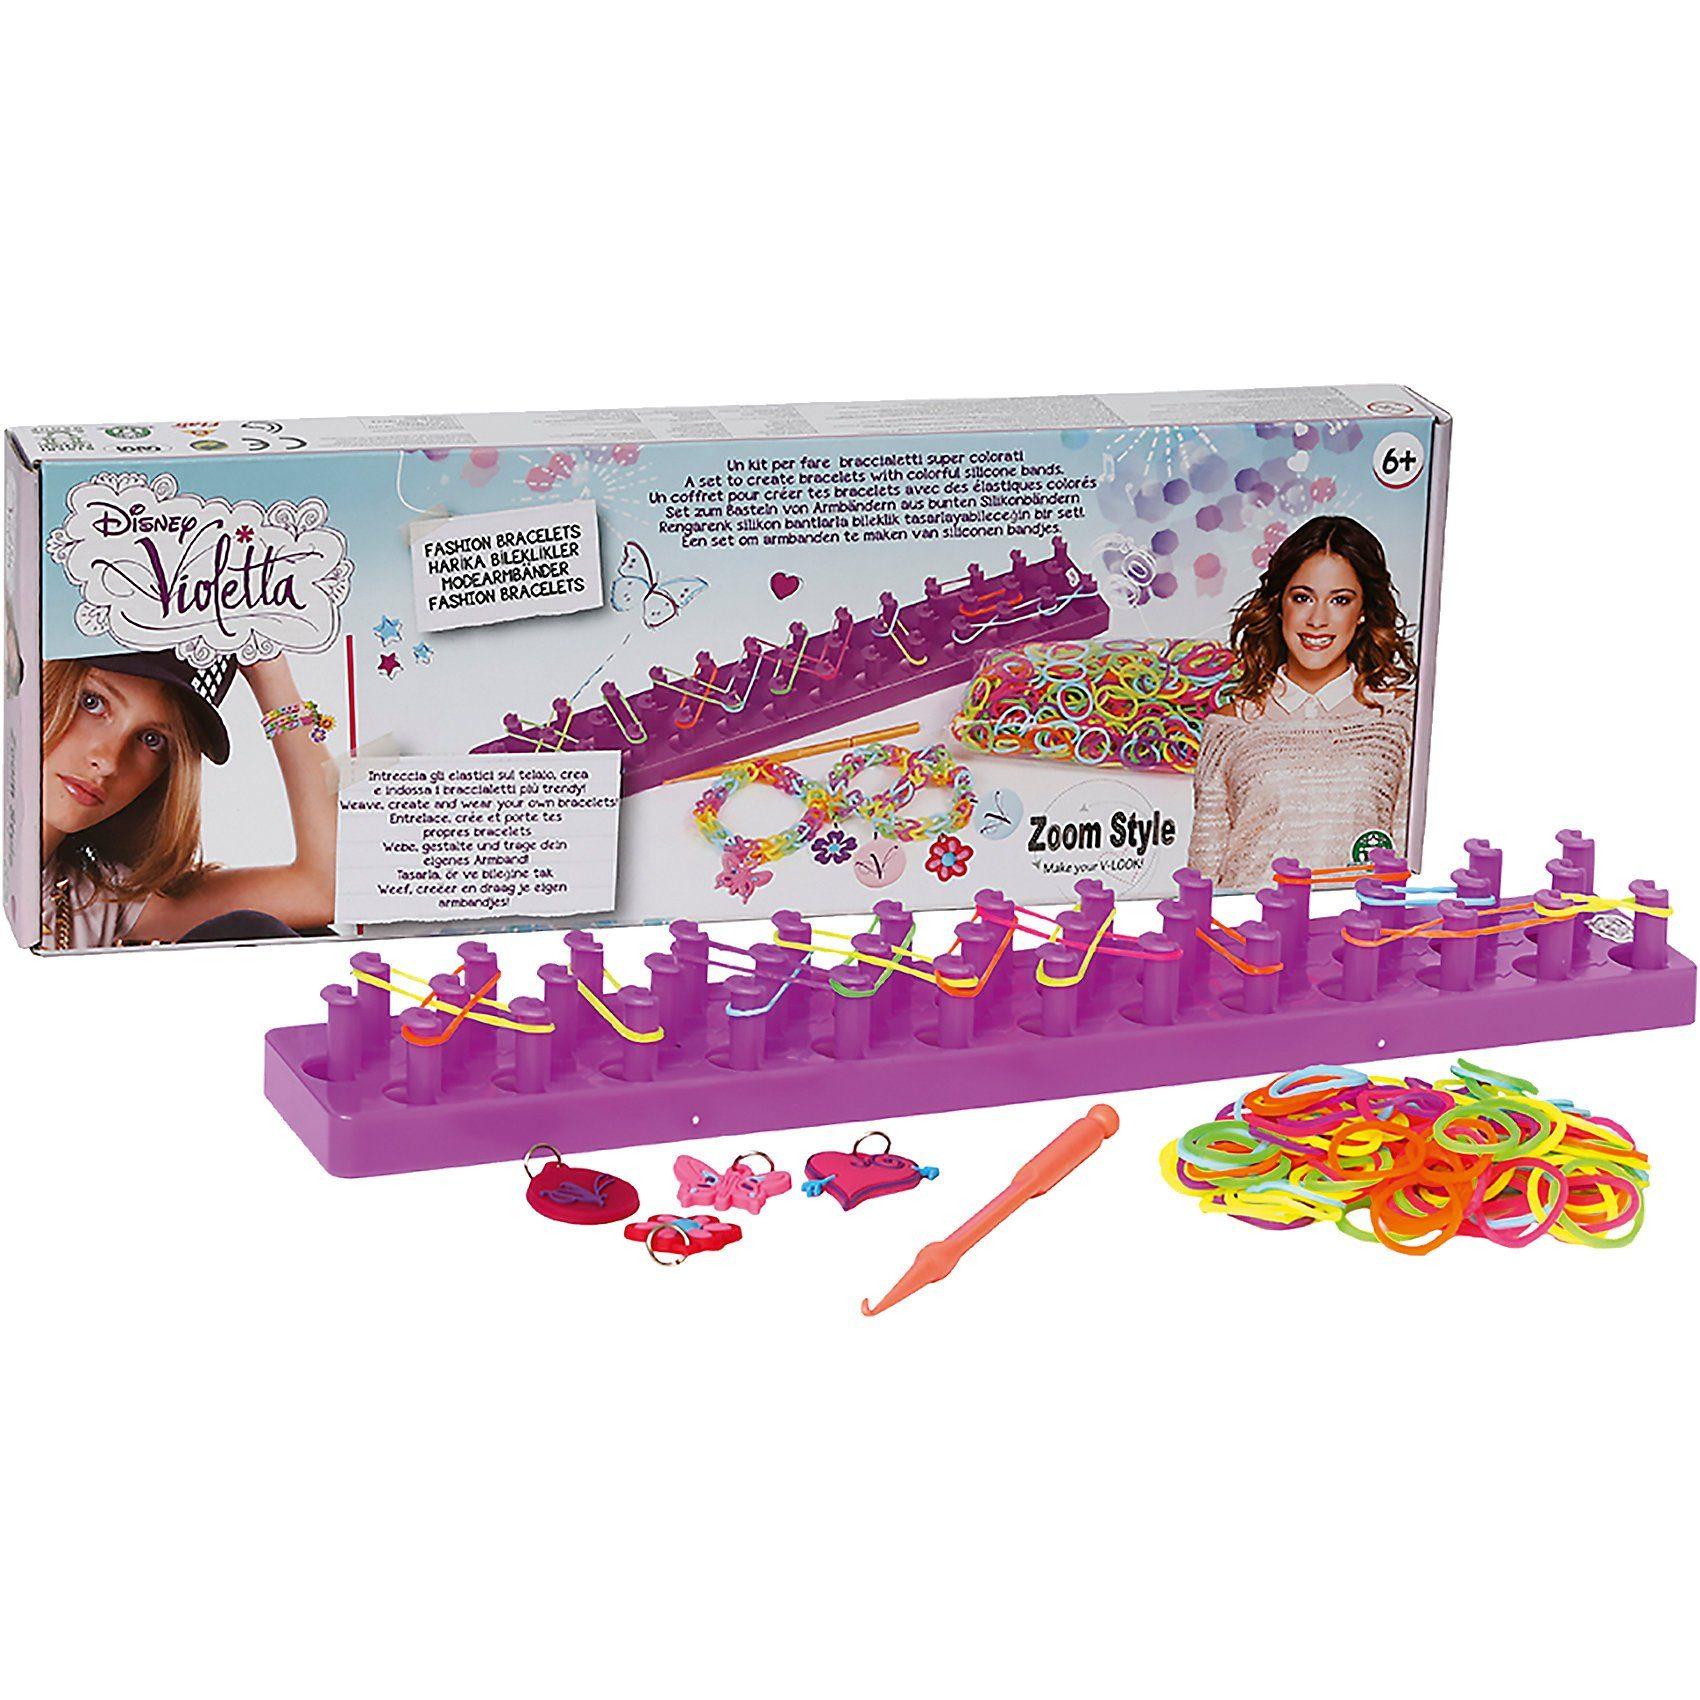 Giochi Preziosi Disney Violetta Armbänder